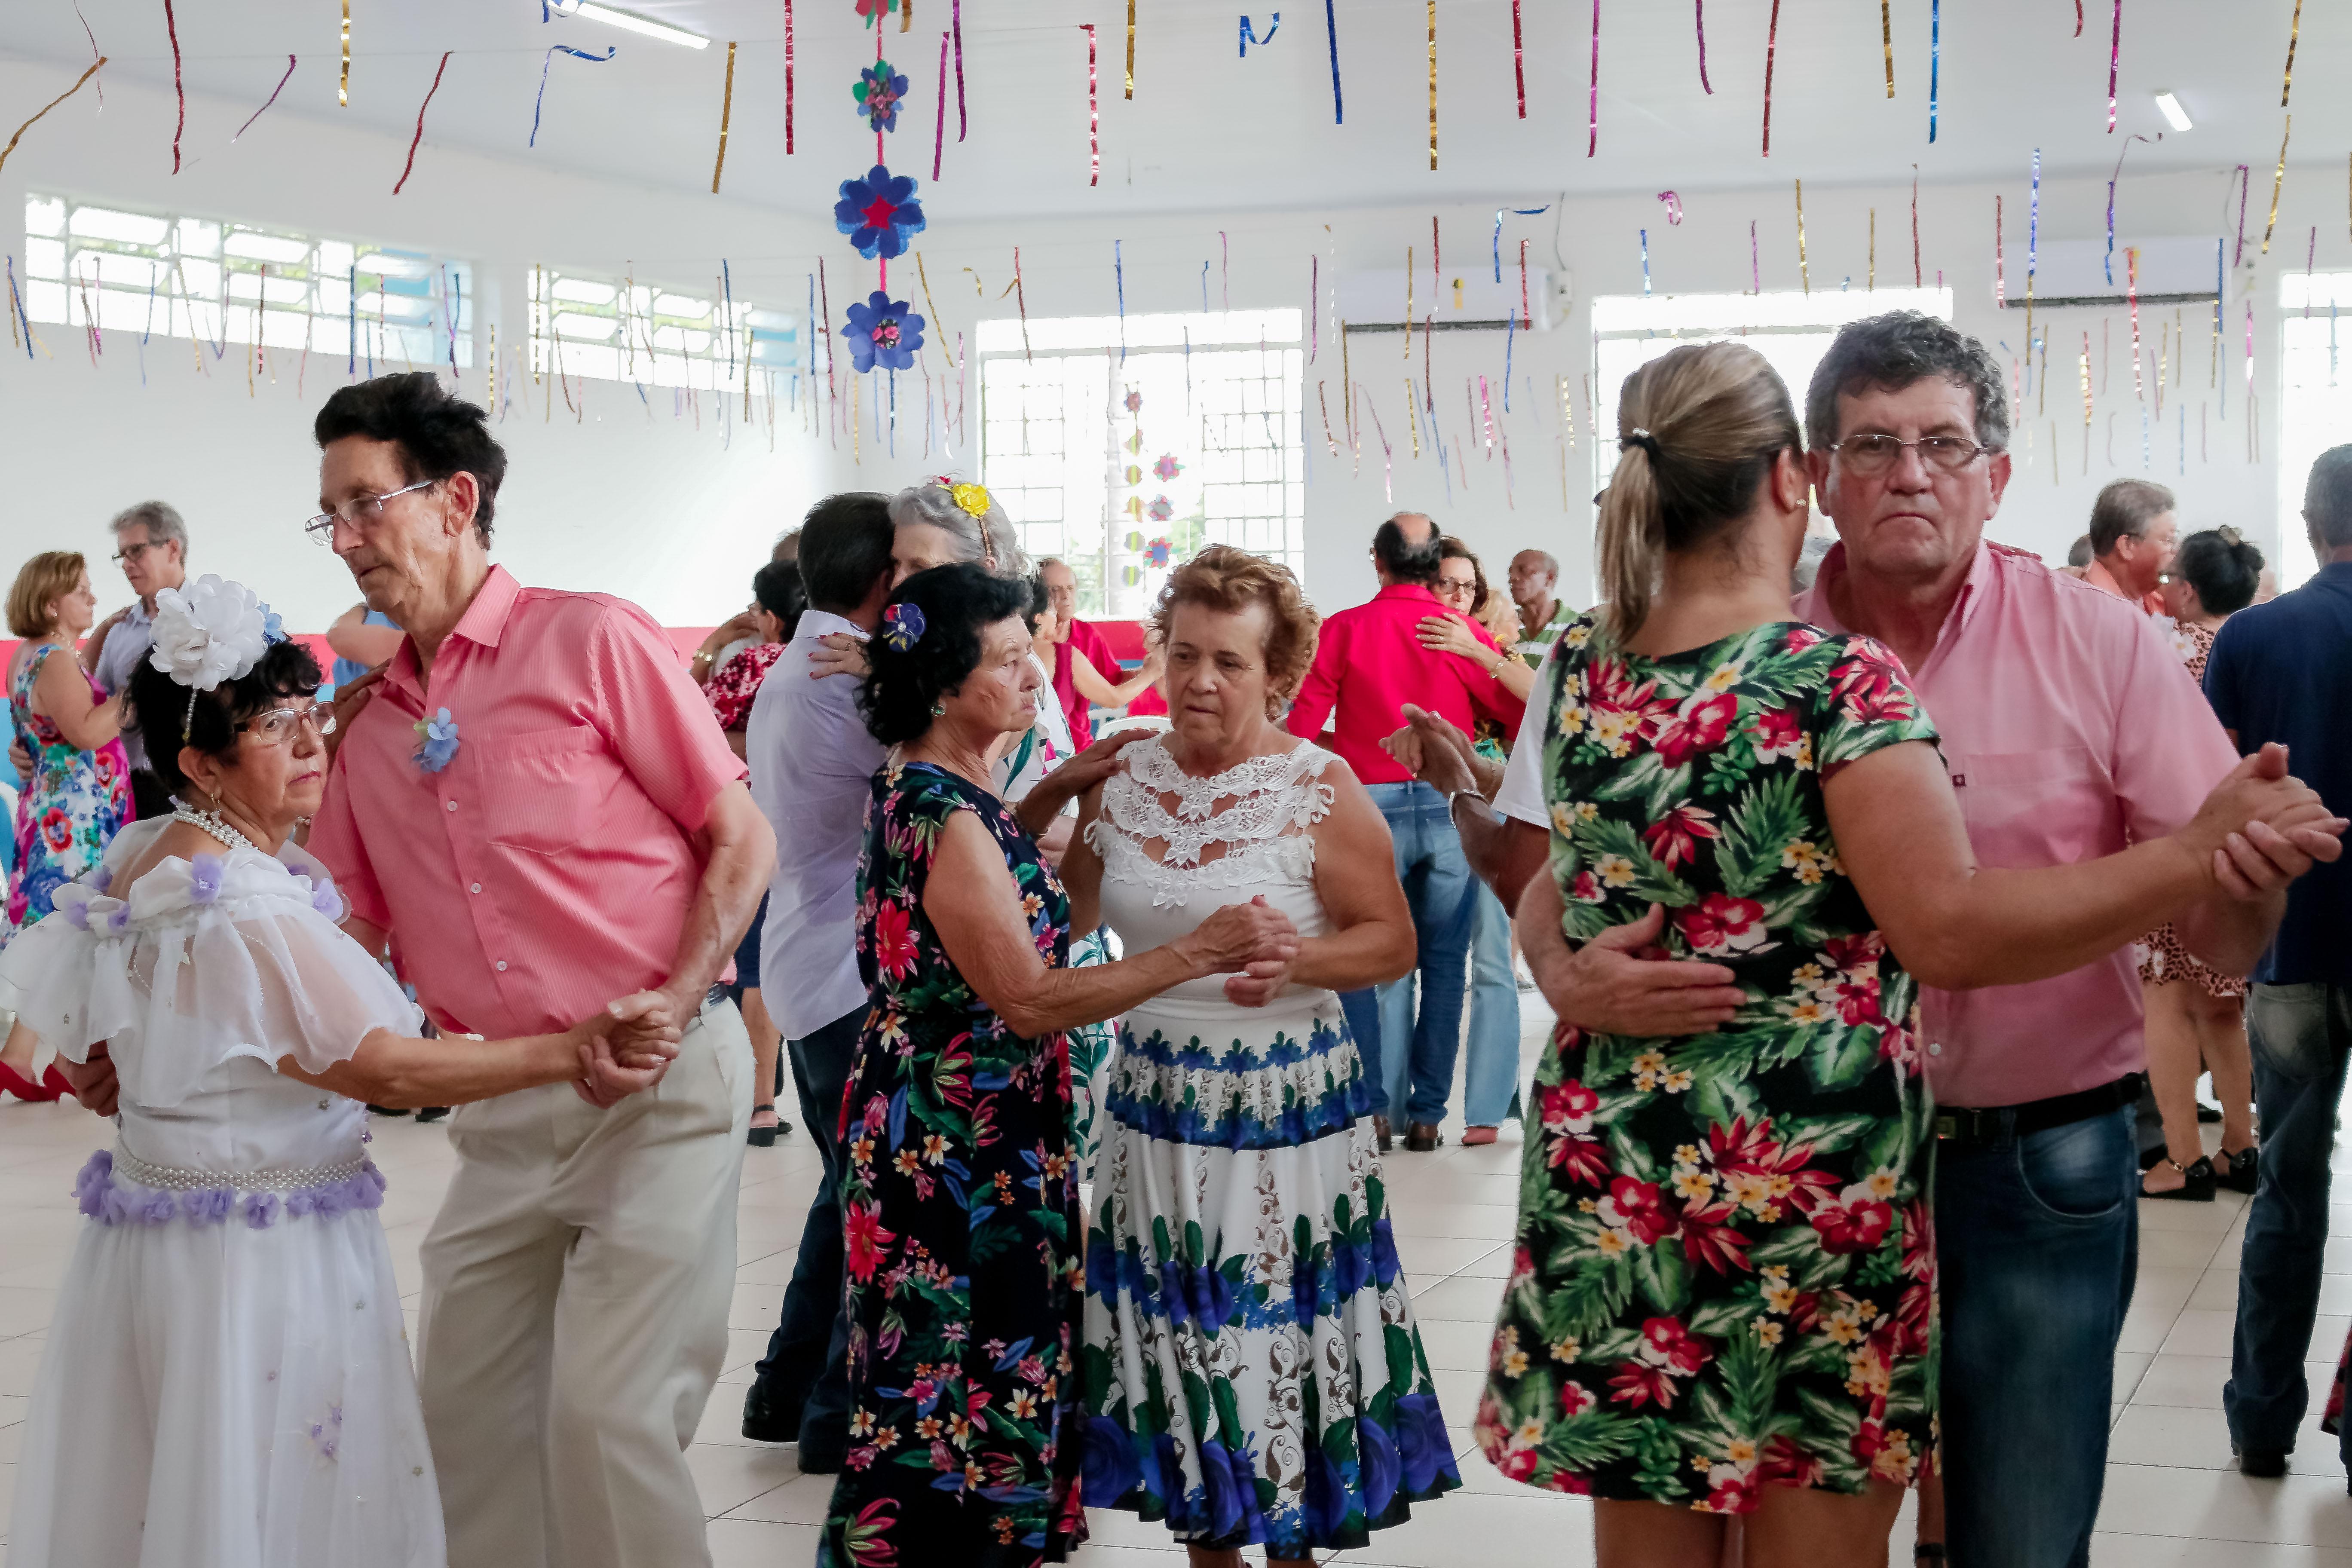 Atividades promovidas ao longo do mês pela prefeitura envolveram palestras, cursos e bailes semanais com homenagens. Foto: PMA